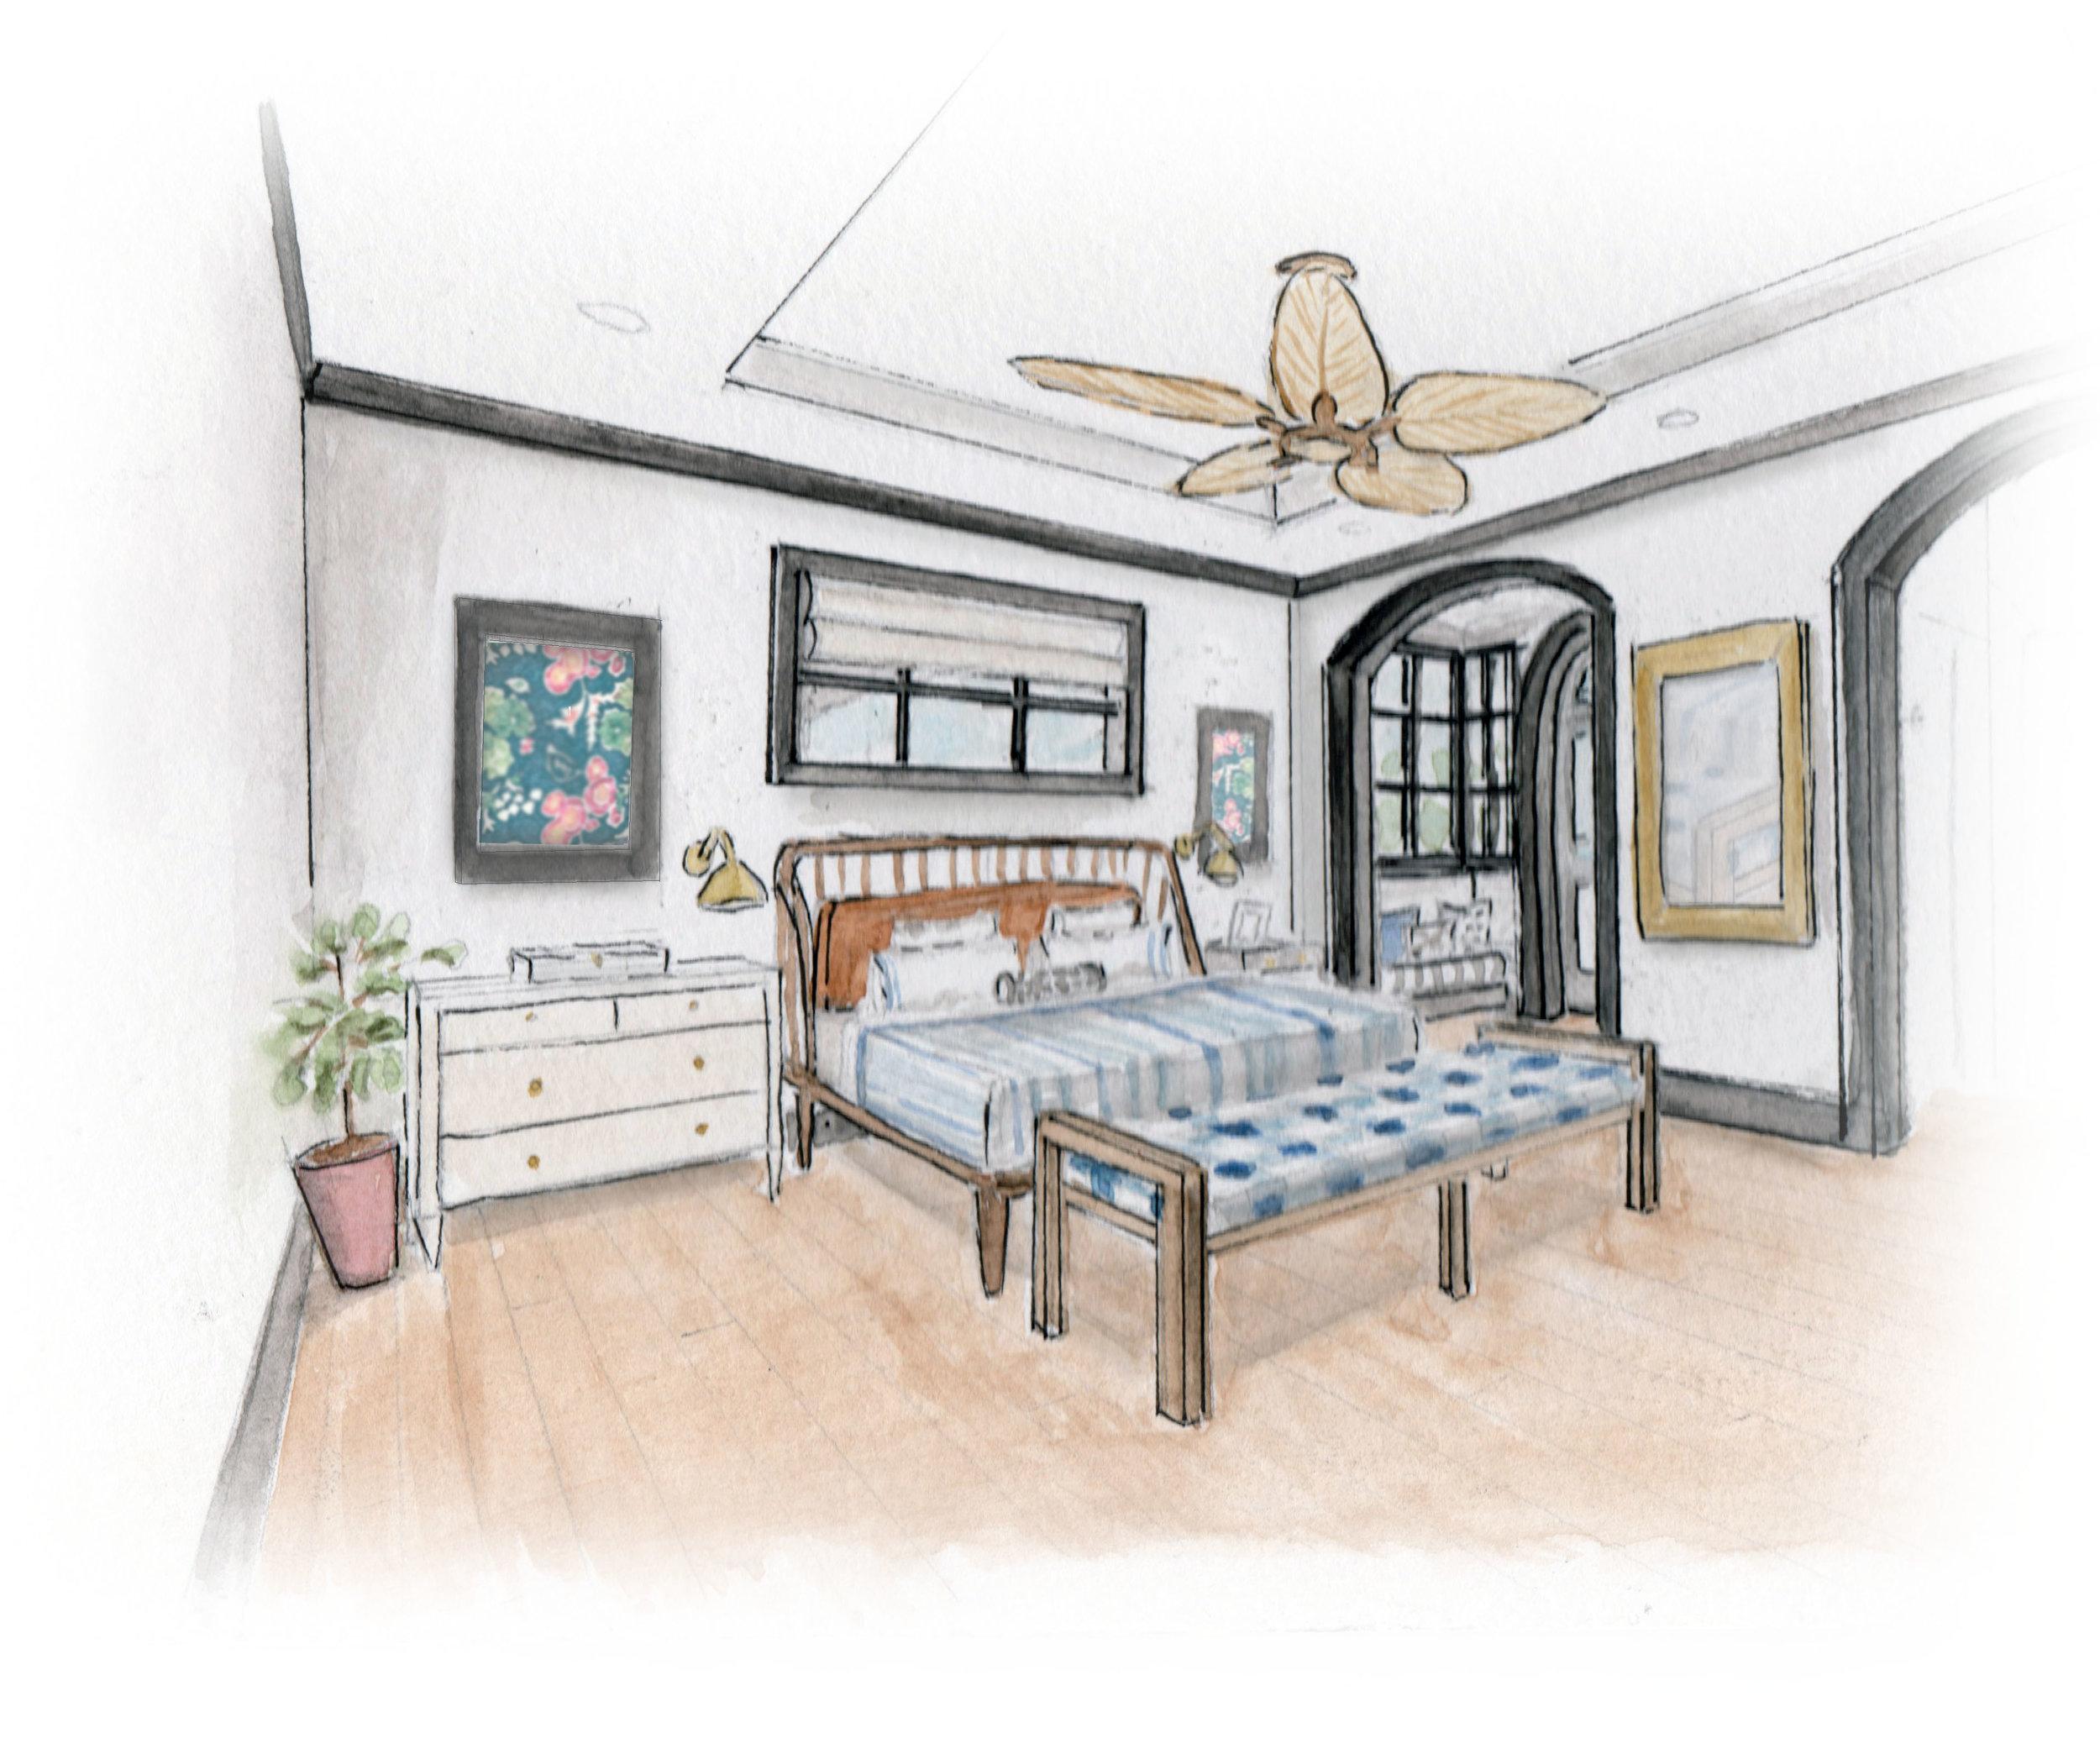 Bedroom Rendering Final.jpg